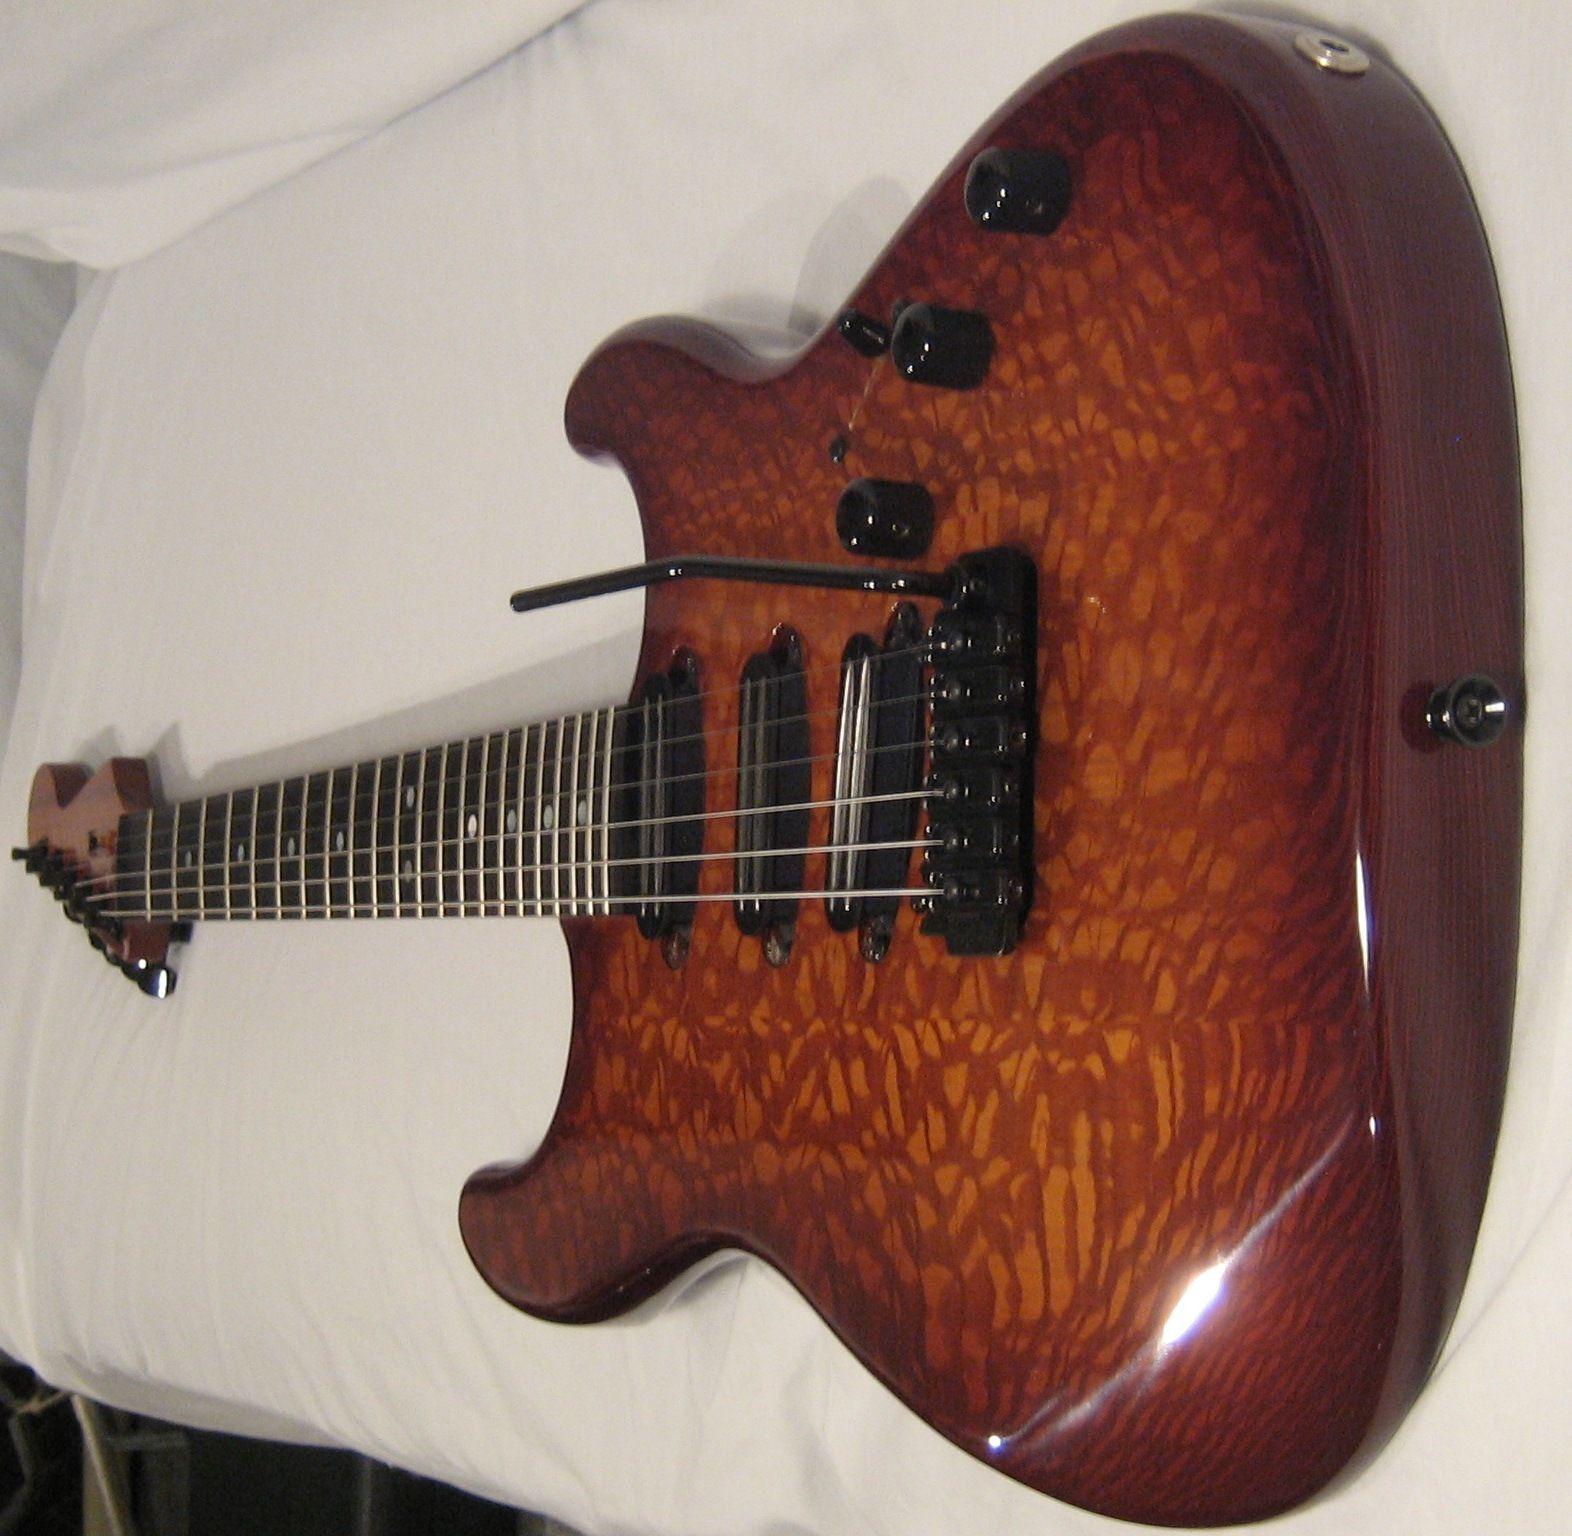 Guitar Parts Like Warmoth : warmoth lacewood strat guitars guitar parts guitar custom guitars ~ Russianpoet.info Haus und Dekorationen